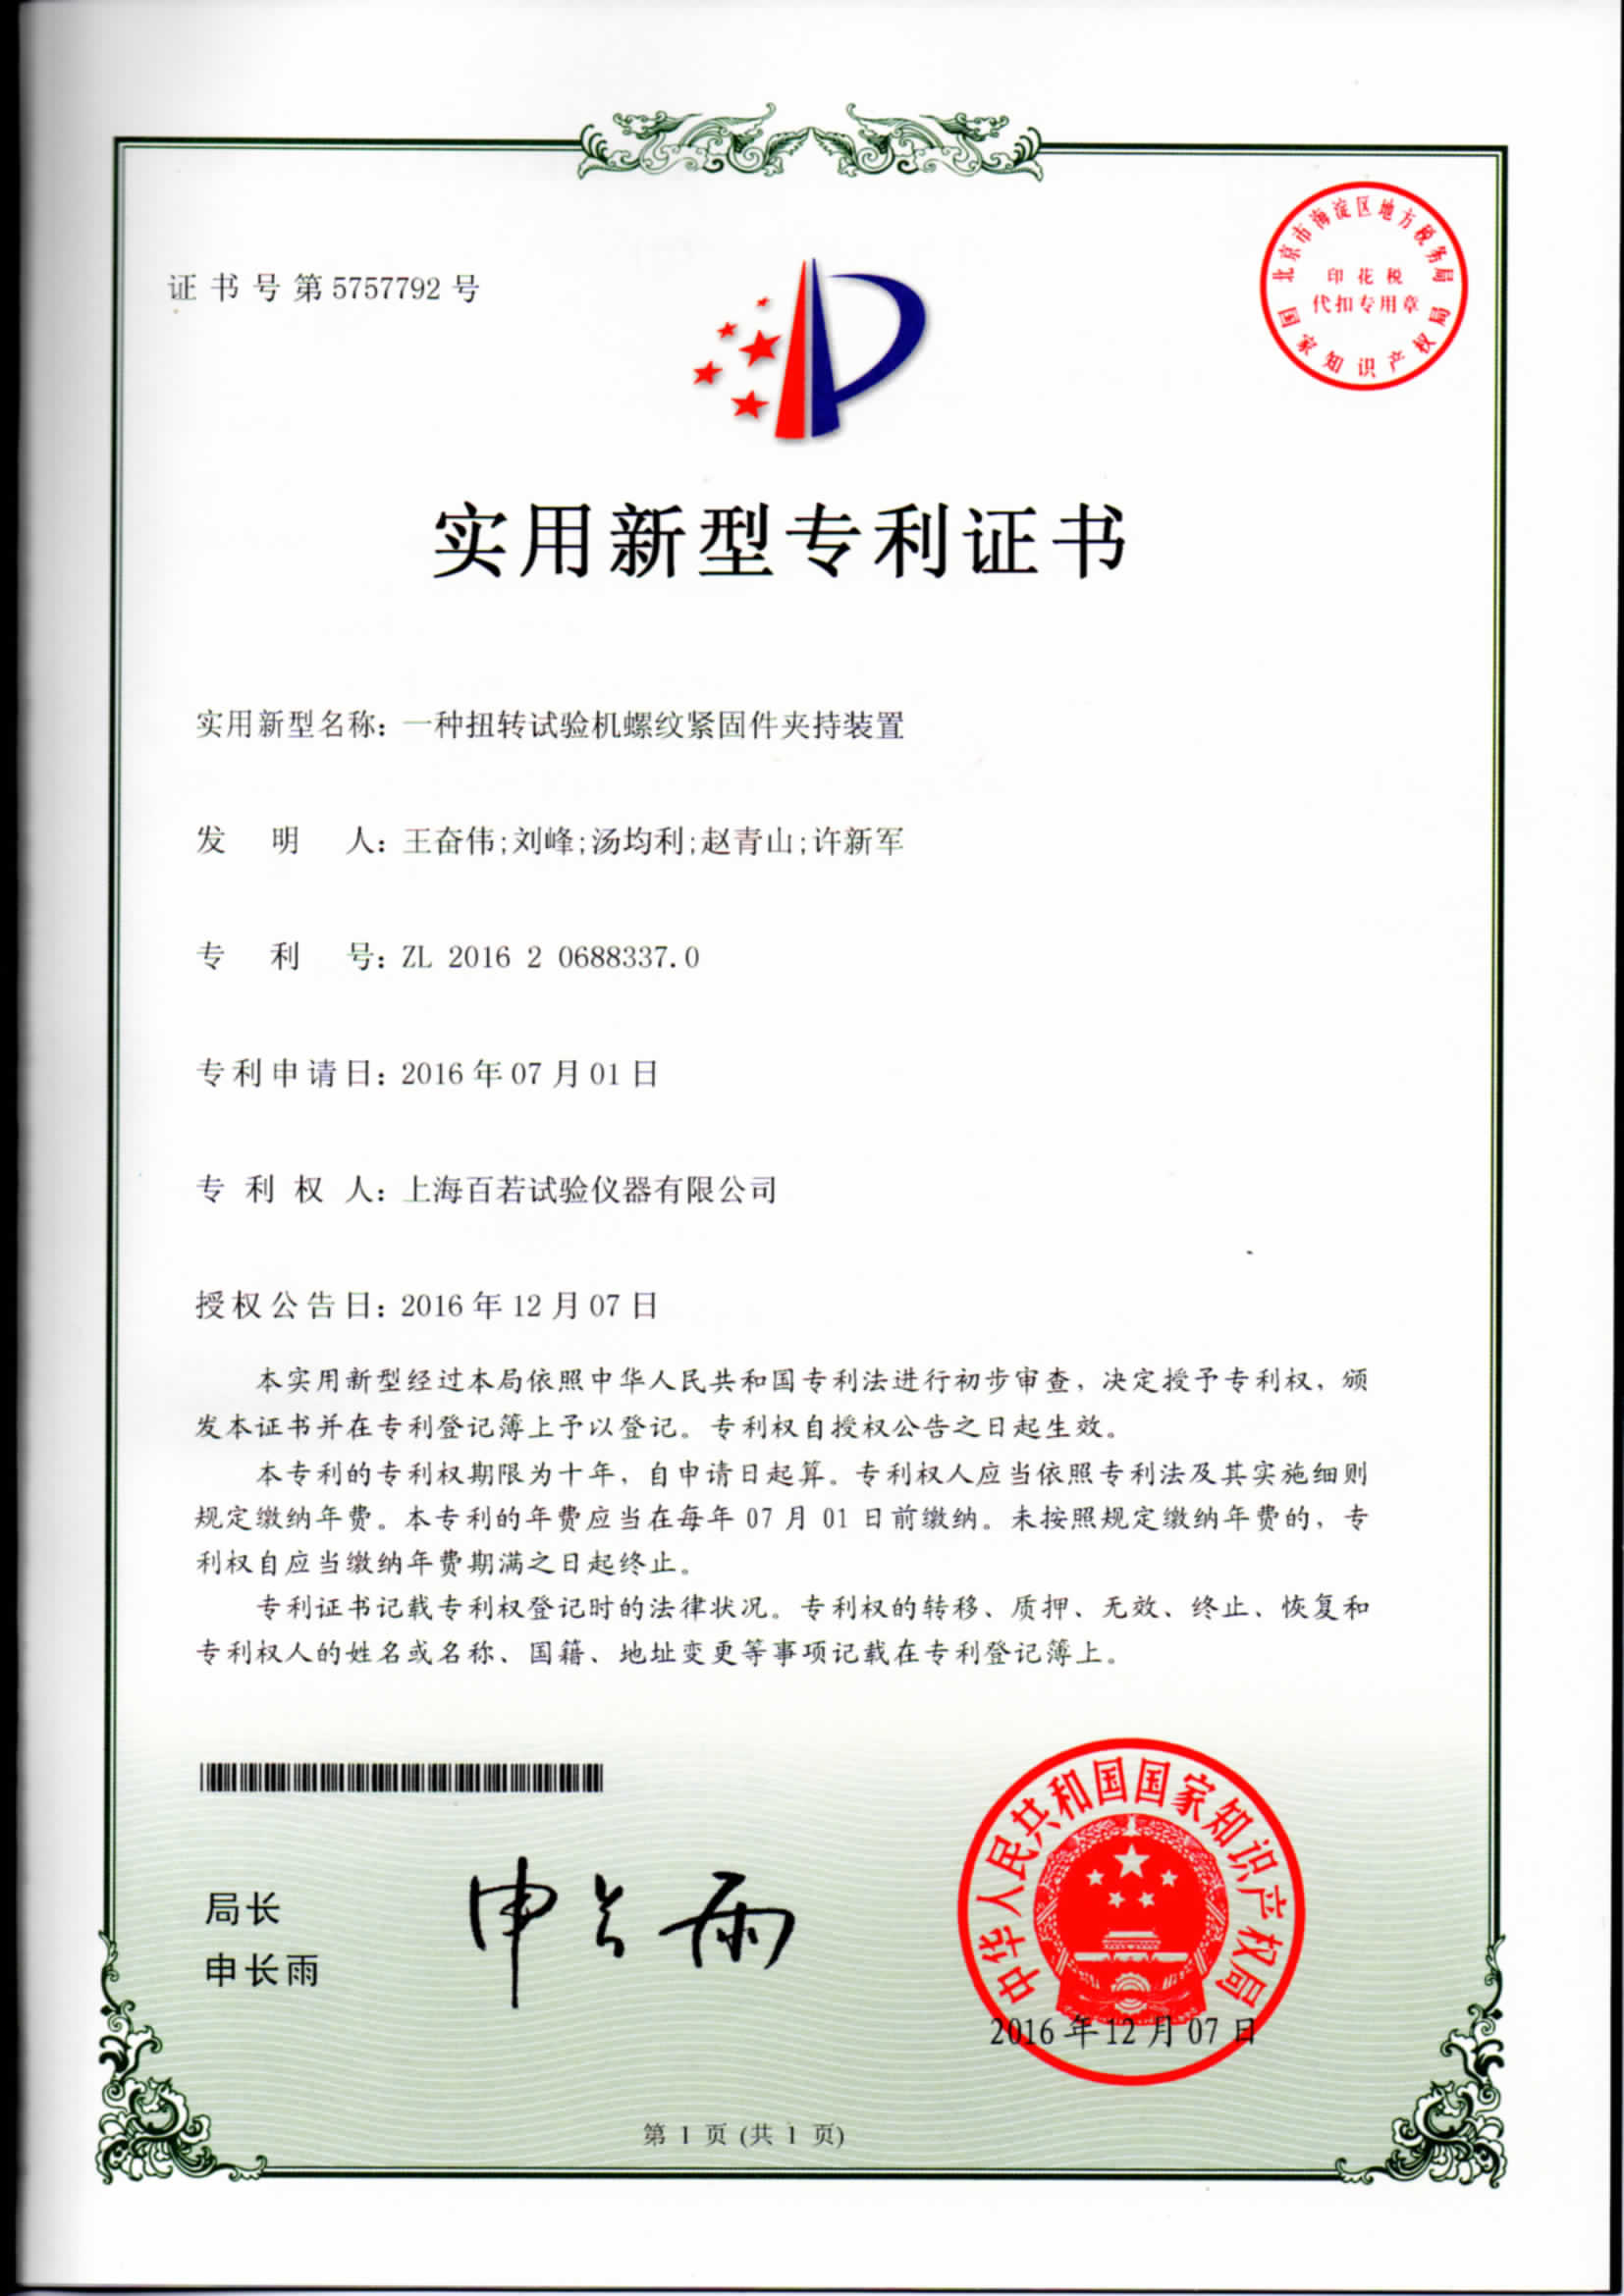 專利證書-一種扭轉試驗機螺紋緊固件夾持裝置